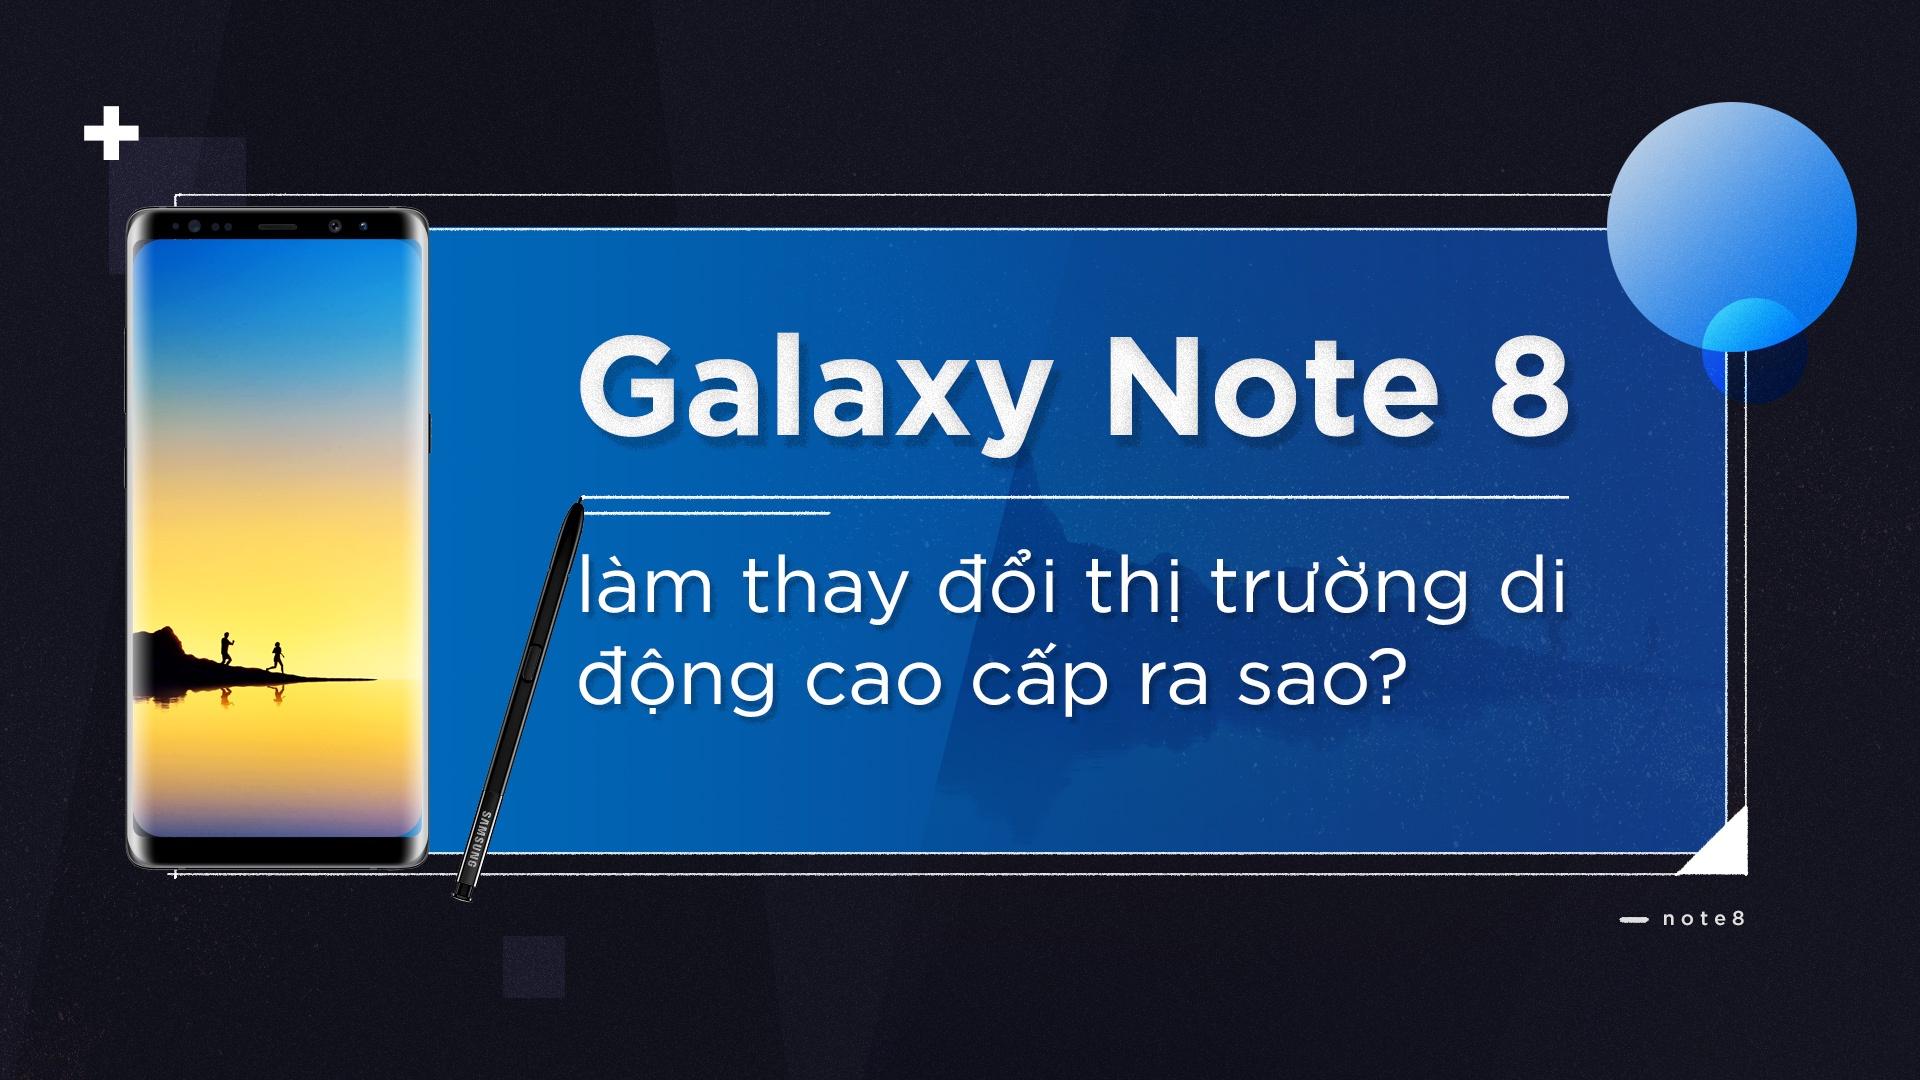 Galaxy Note 8 lam thay doi thi truong di dong cao cap ra sao? hinh anh 1